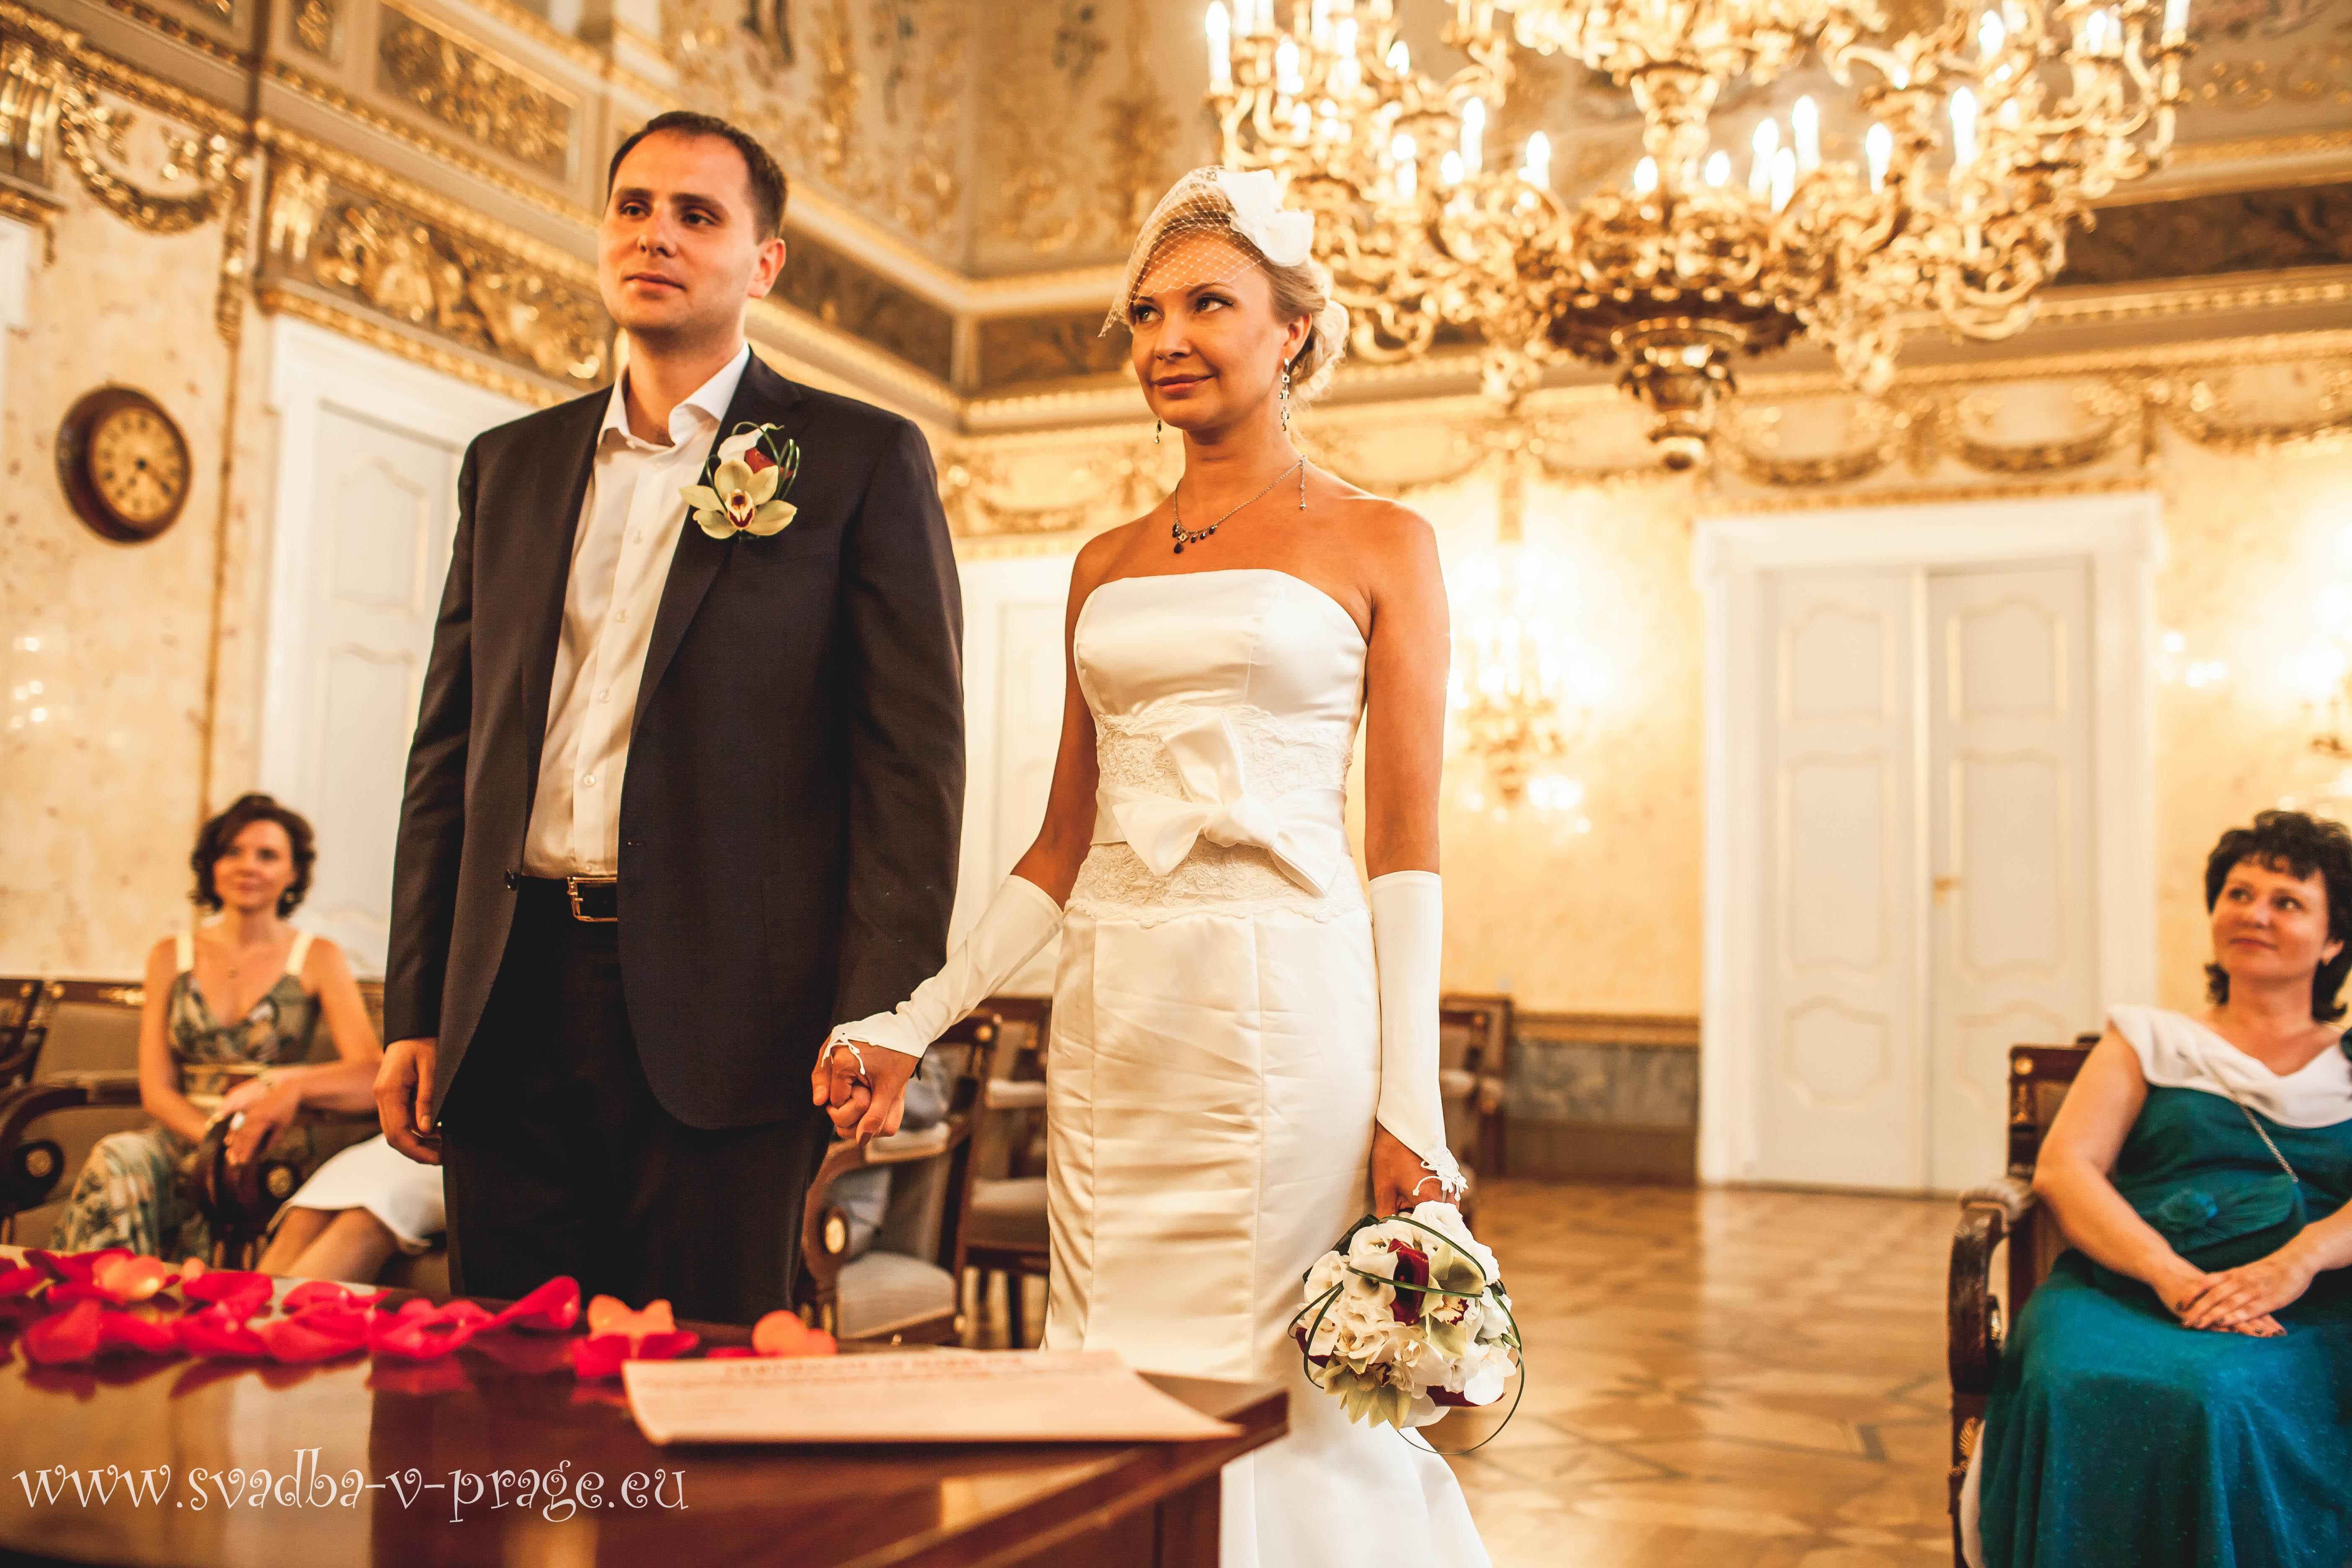 Символическая свадебная церемония Карена и Полины в Кауницком дворце 11.7.2013 - фото Свадьба в Кауницком дворце